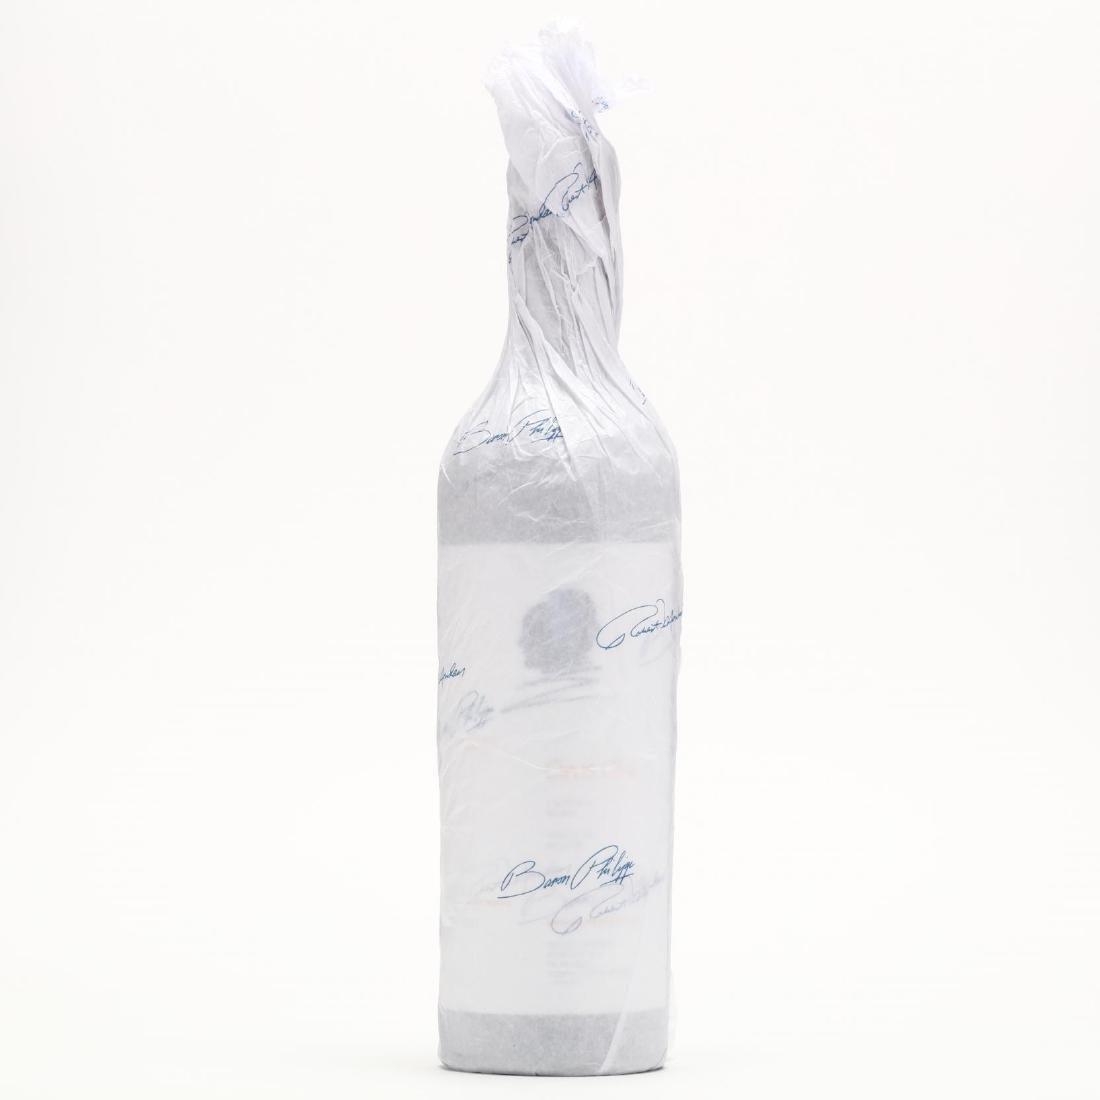 Opus One - Vintage 2013